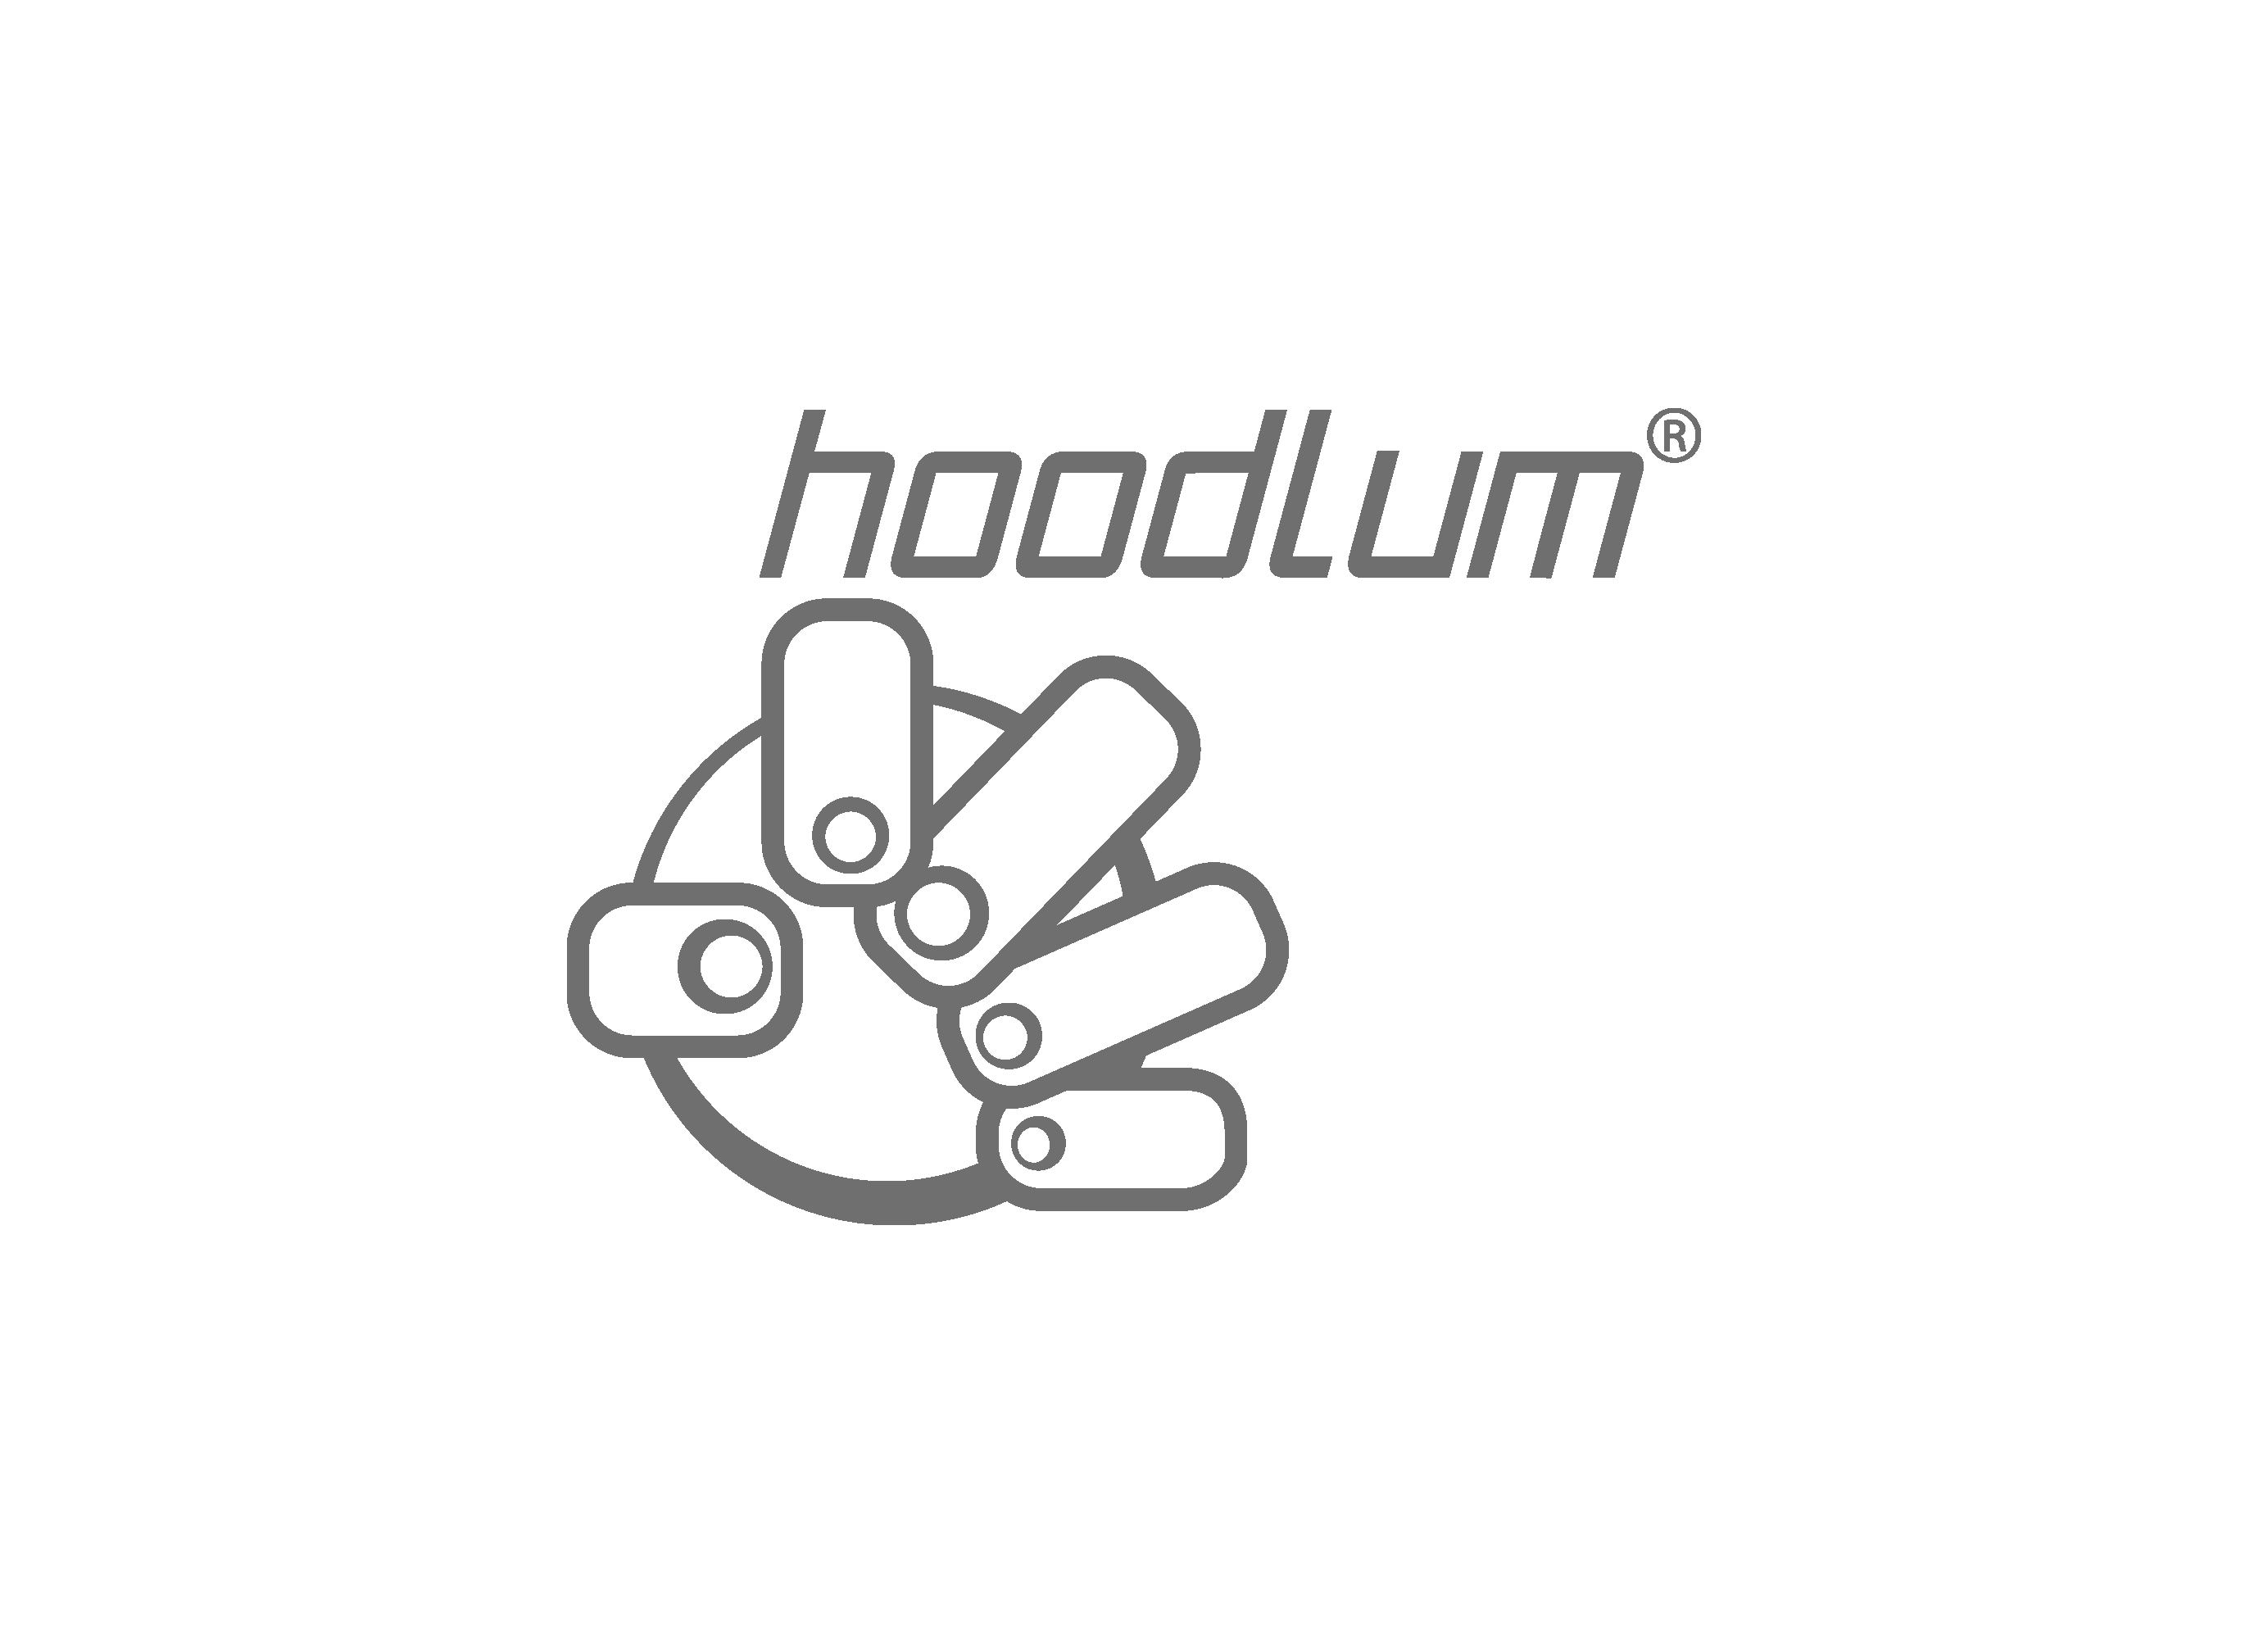 hoodlum_logo grey